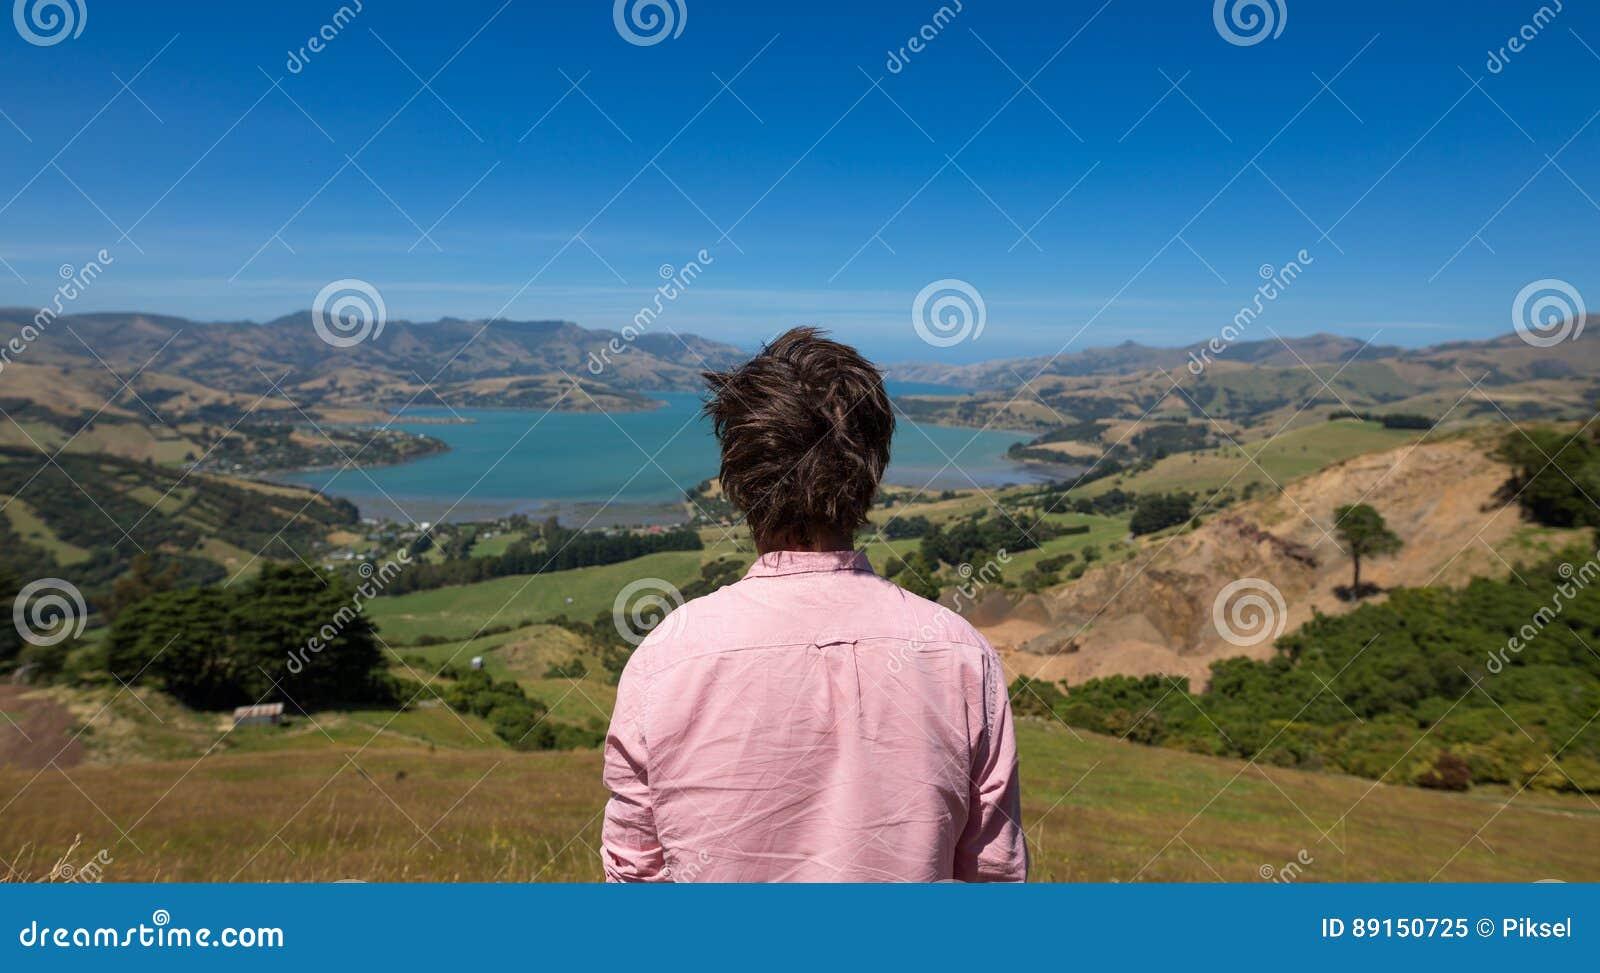 Homme appréciant la vue, Nouvelle-Zélande